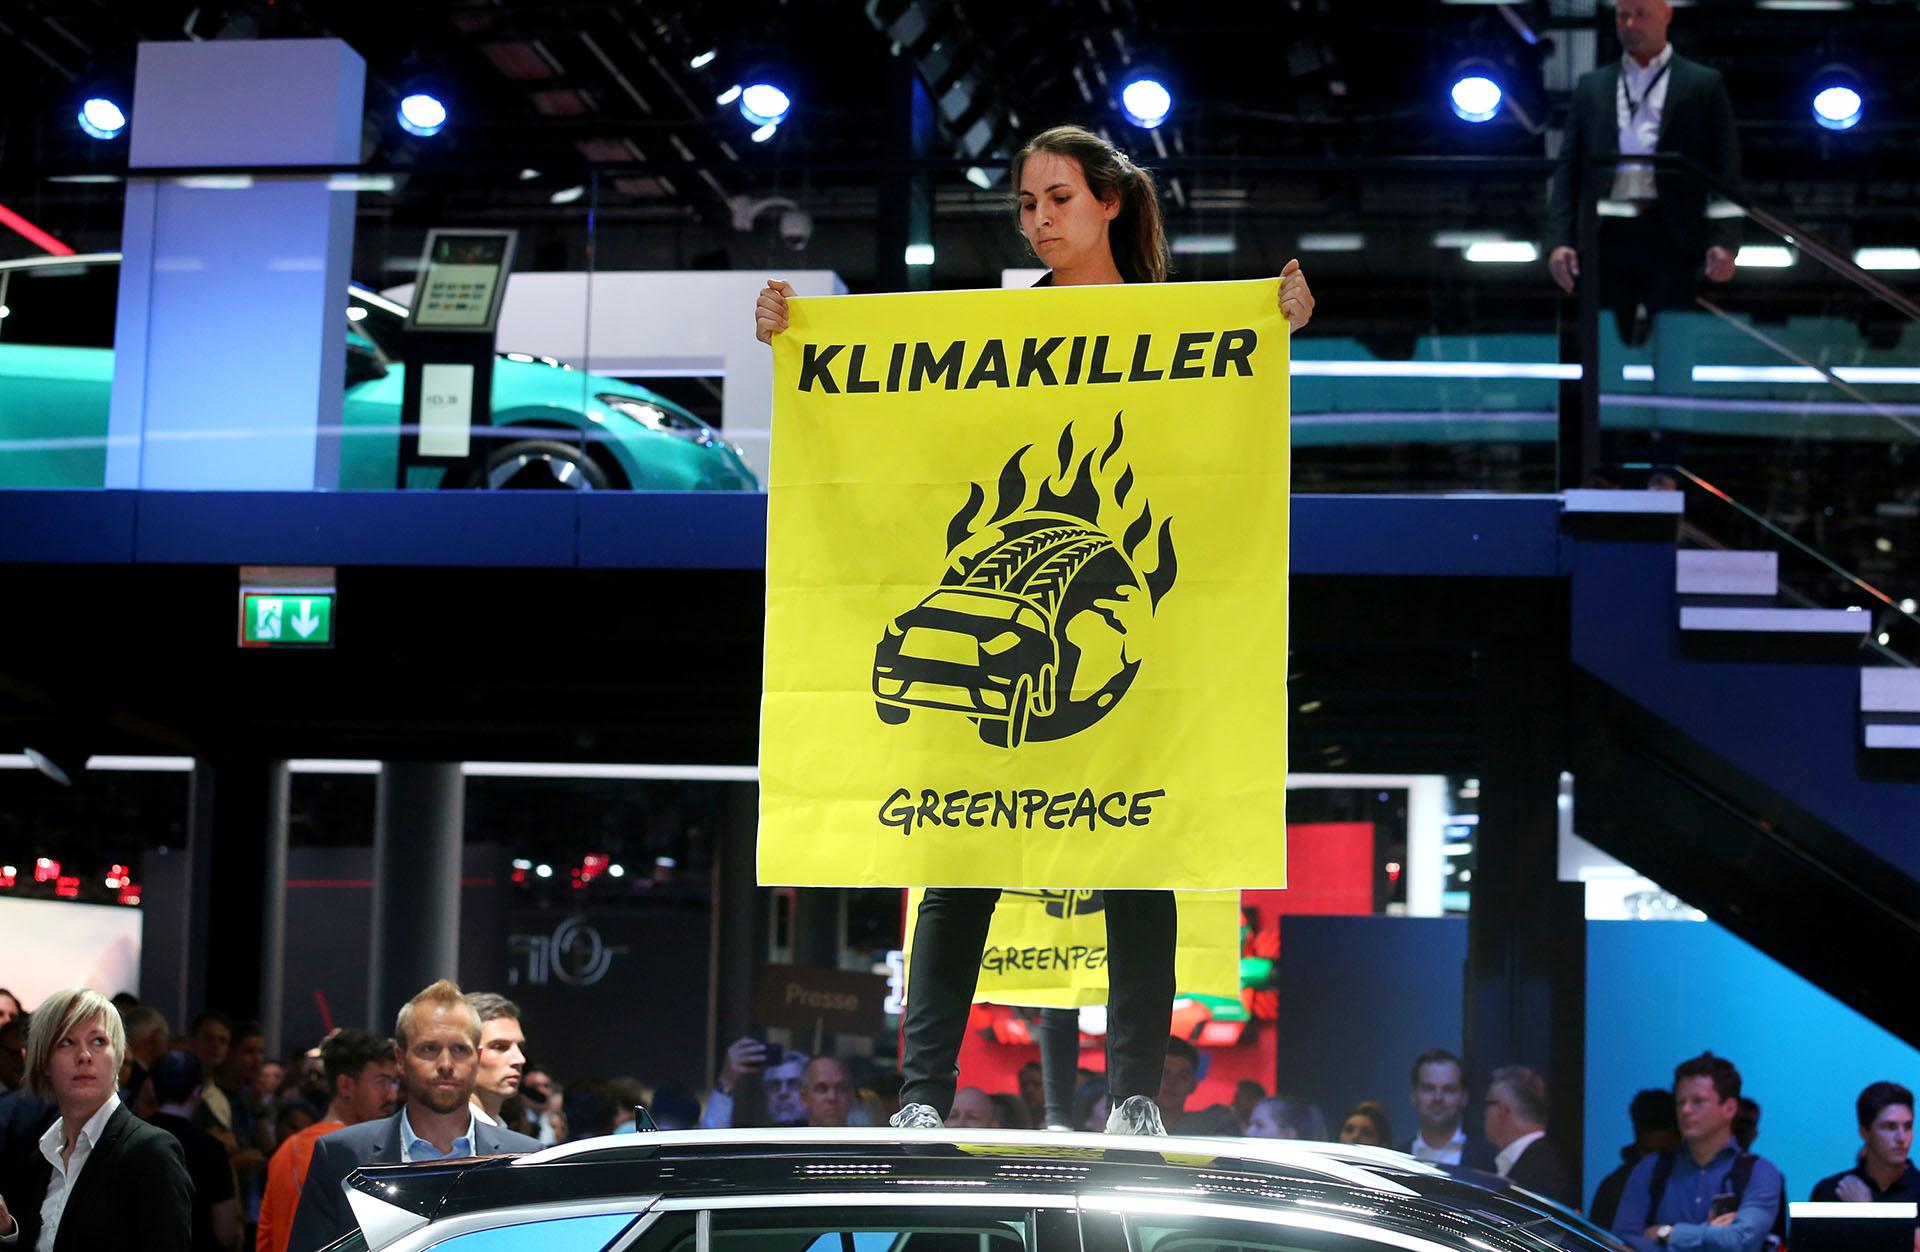 Una activista de Greenpeace se sube a un coche exhibido mientras protesta contra el calentamiento global durante la visita de la canciller alemana Angela Merkel al Salón Internacional del Automóvil de Frankfurt